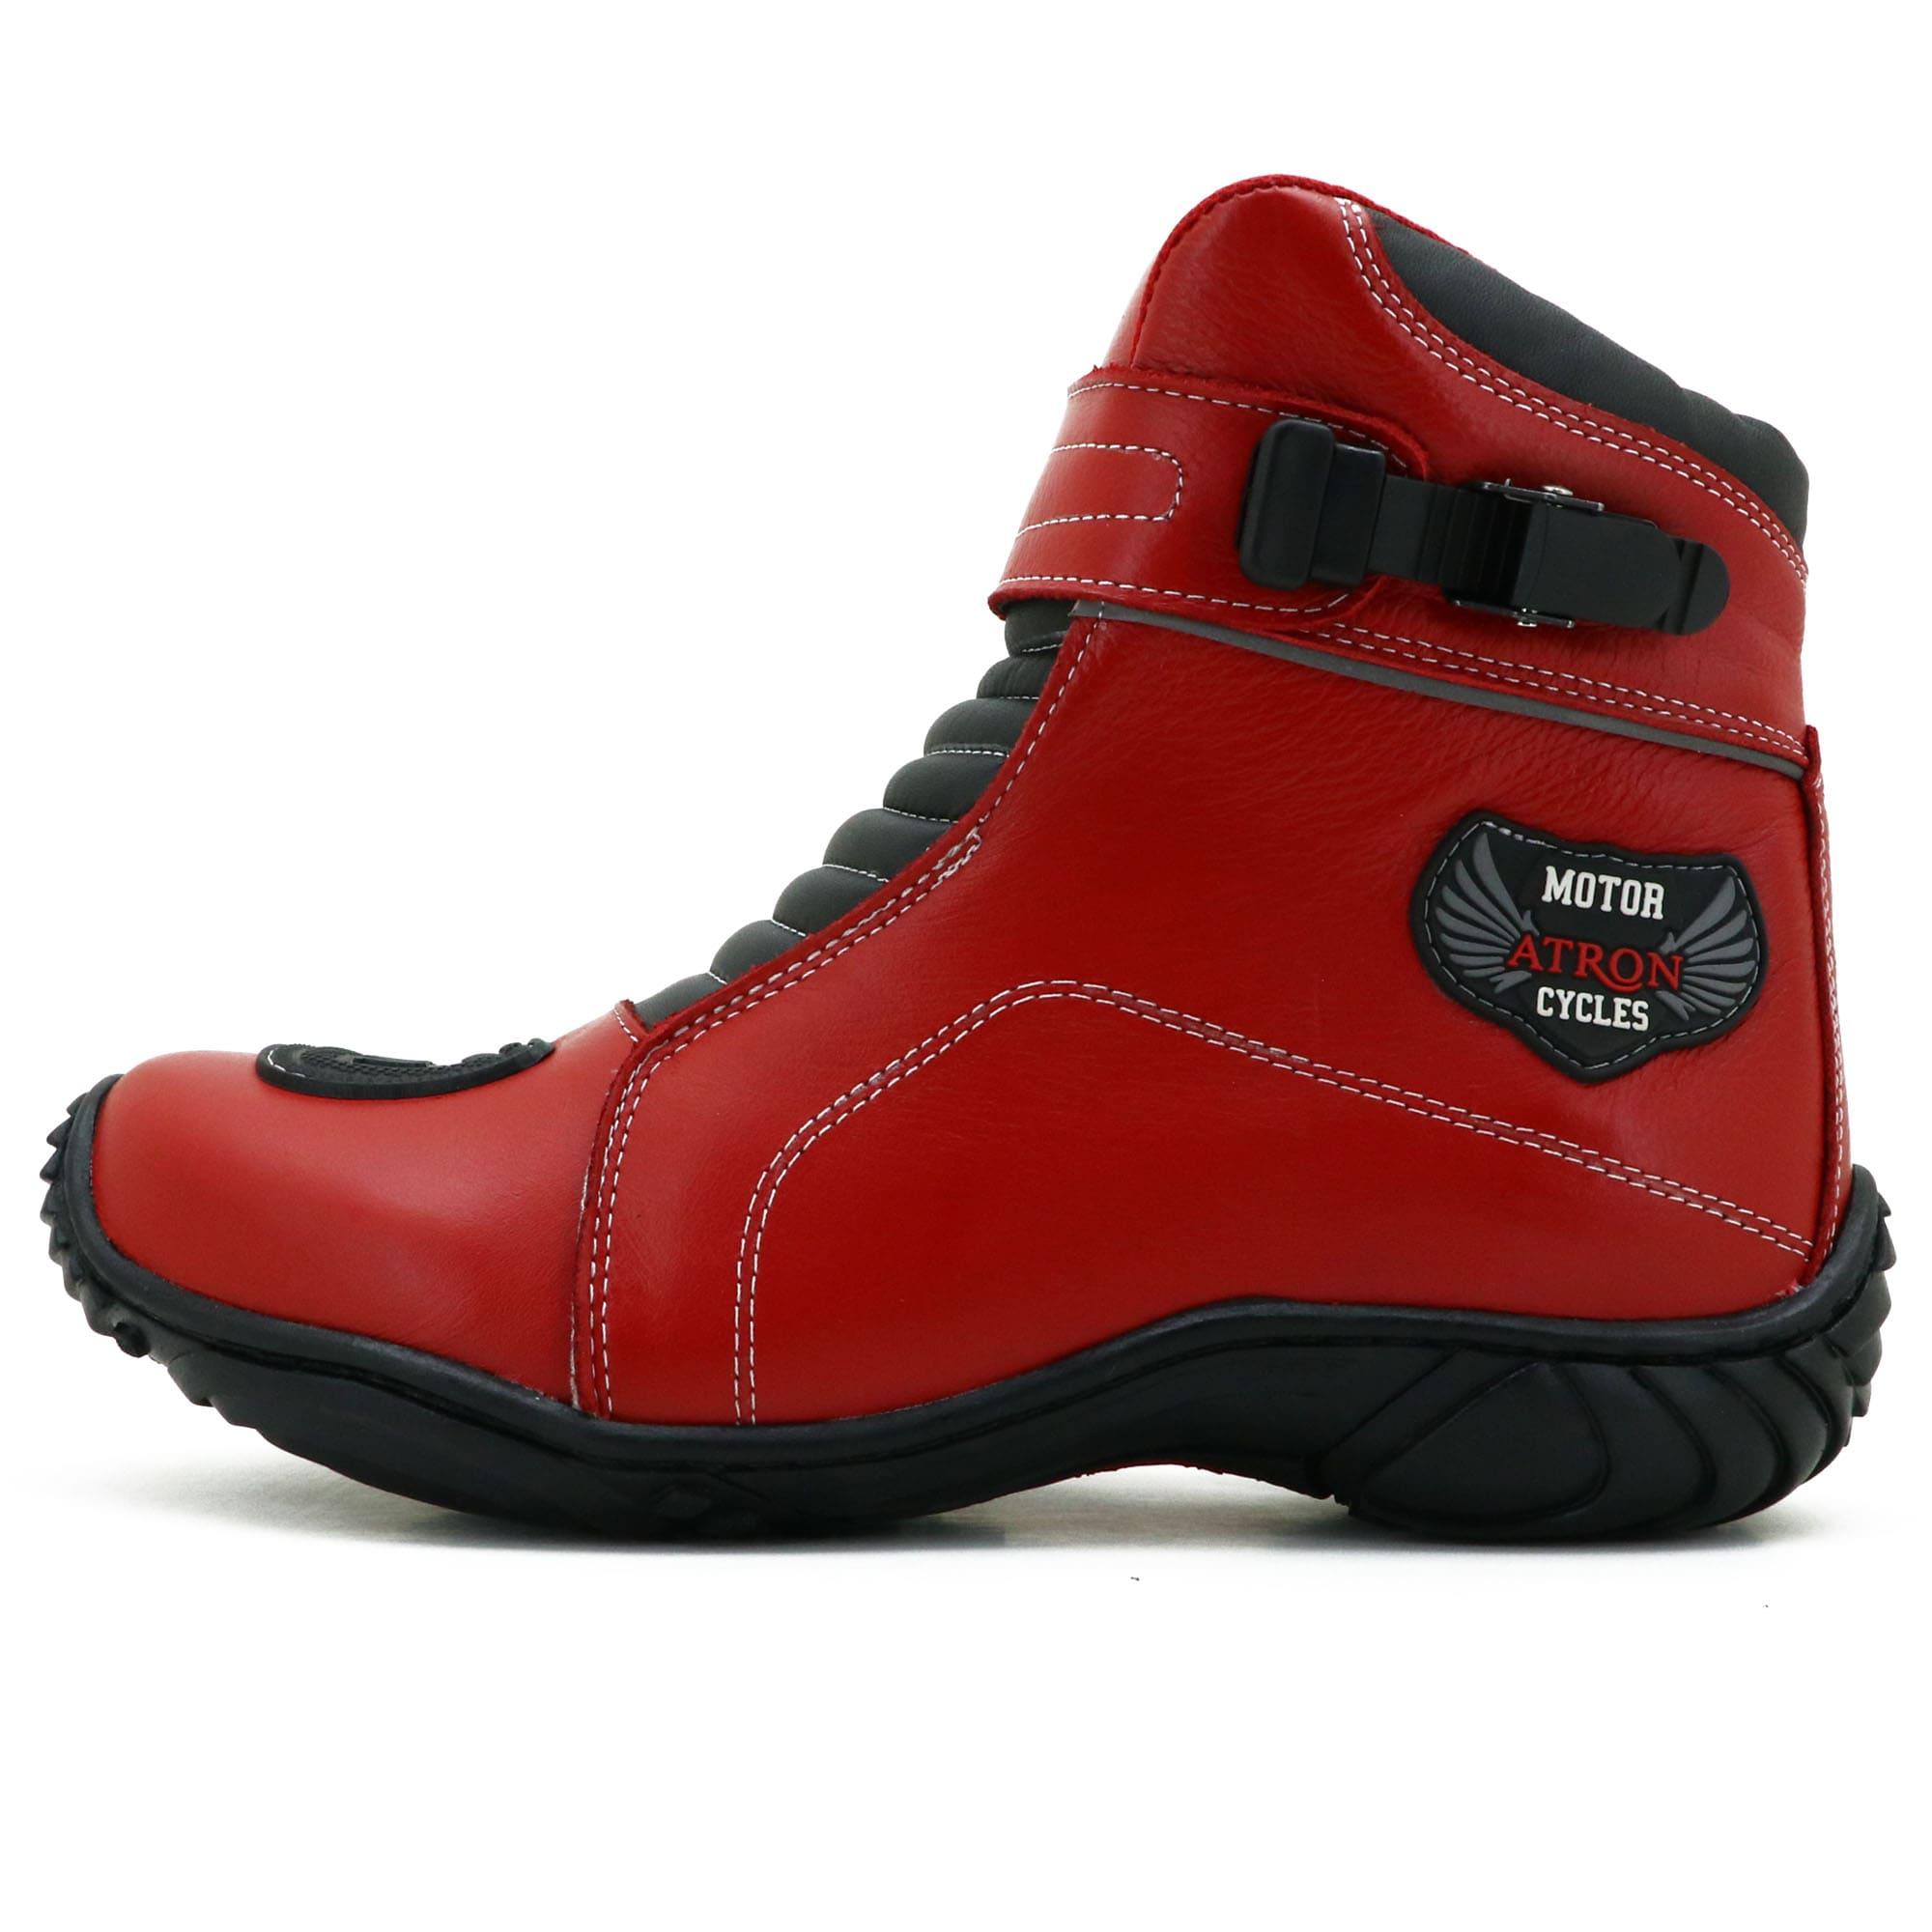 Bota motociclista semi impermeável vermelha e preta em couro legítimo 287 com chinelo